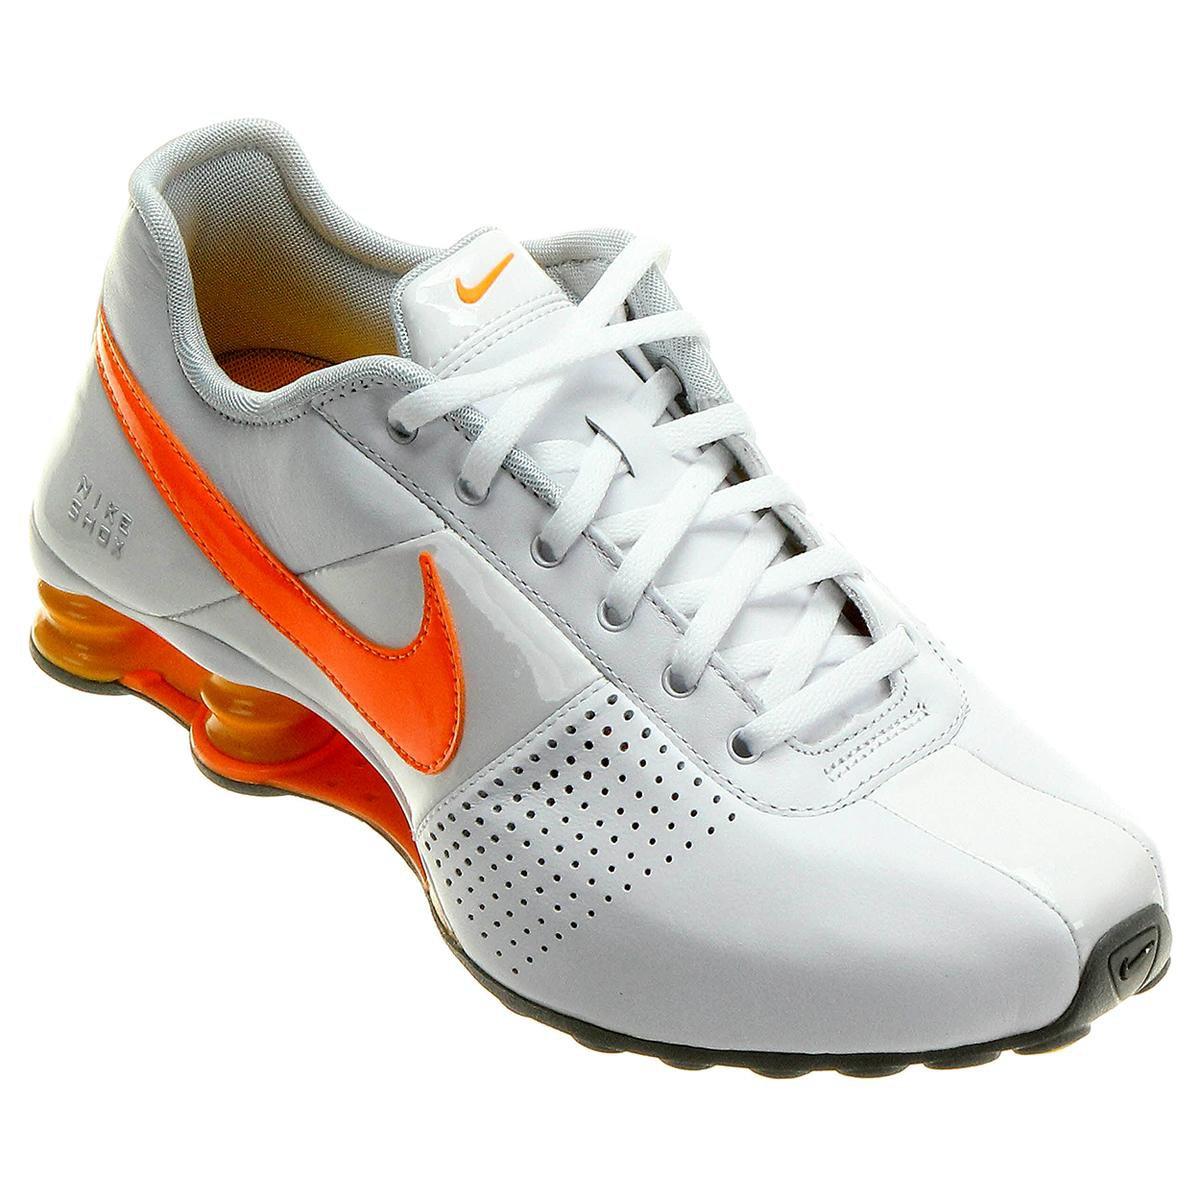 6e2ac47d3f ... Tênis Nike Shox Deliver - Branco e Laranja .